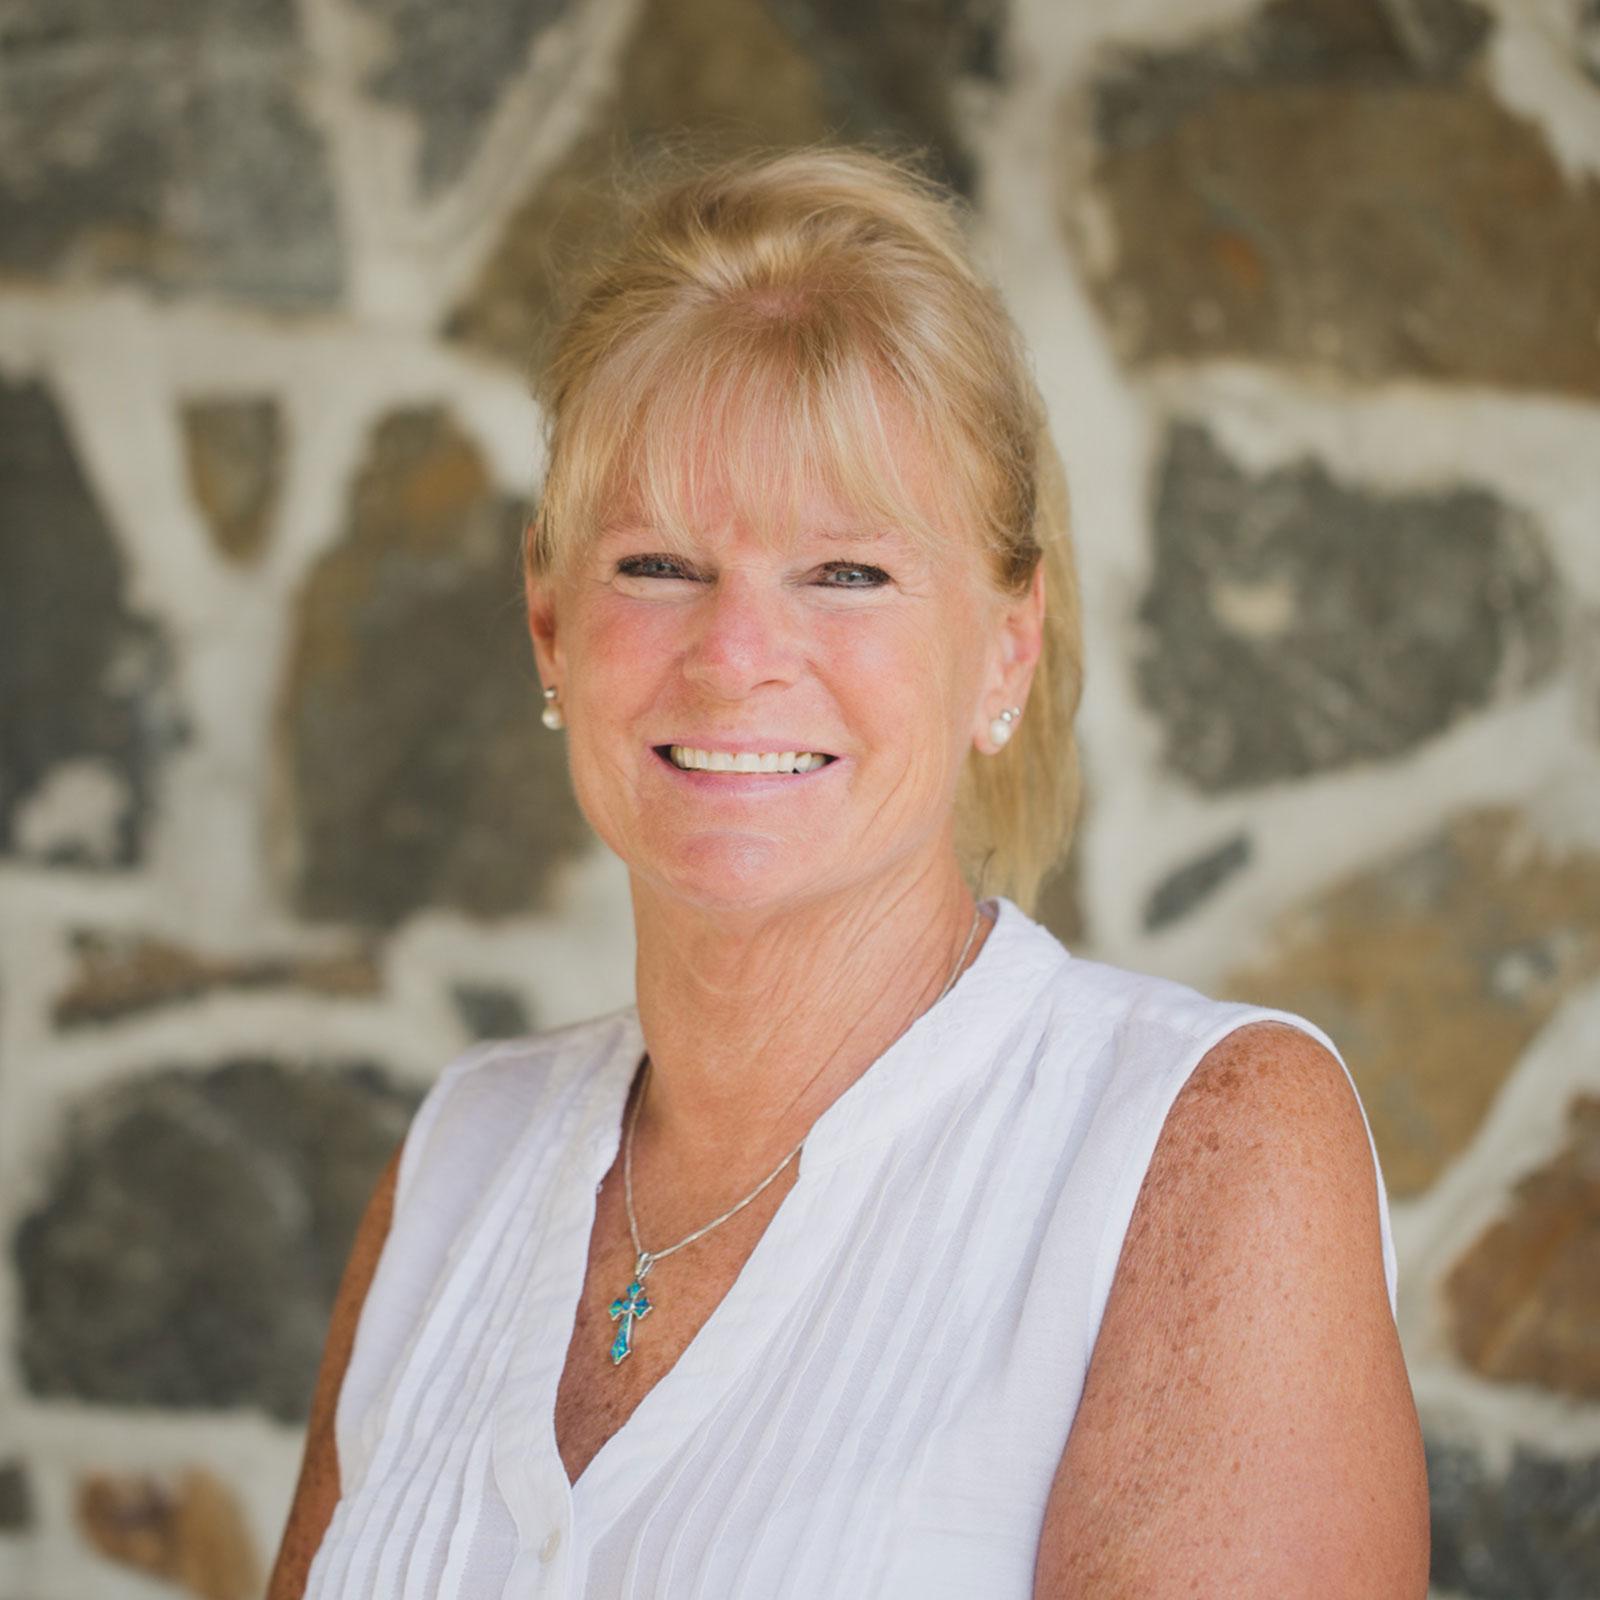 Lynn Wiard